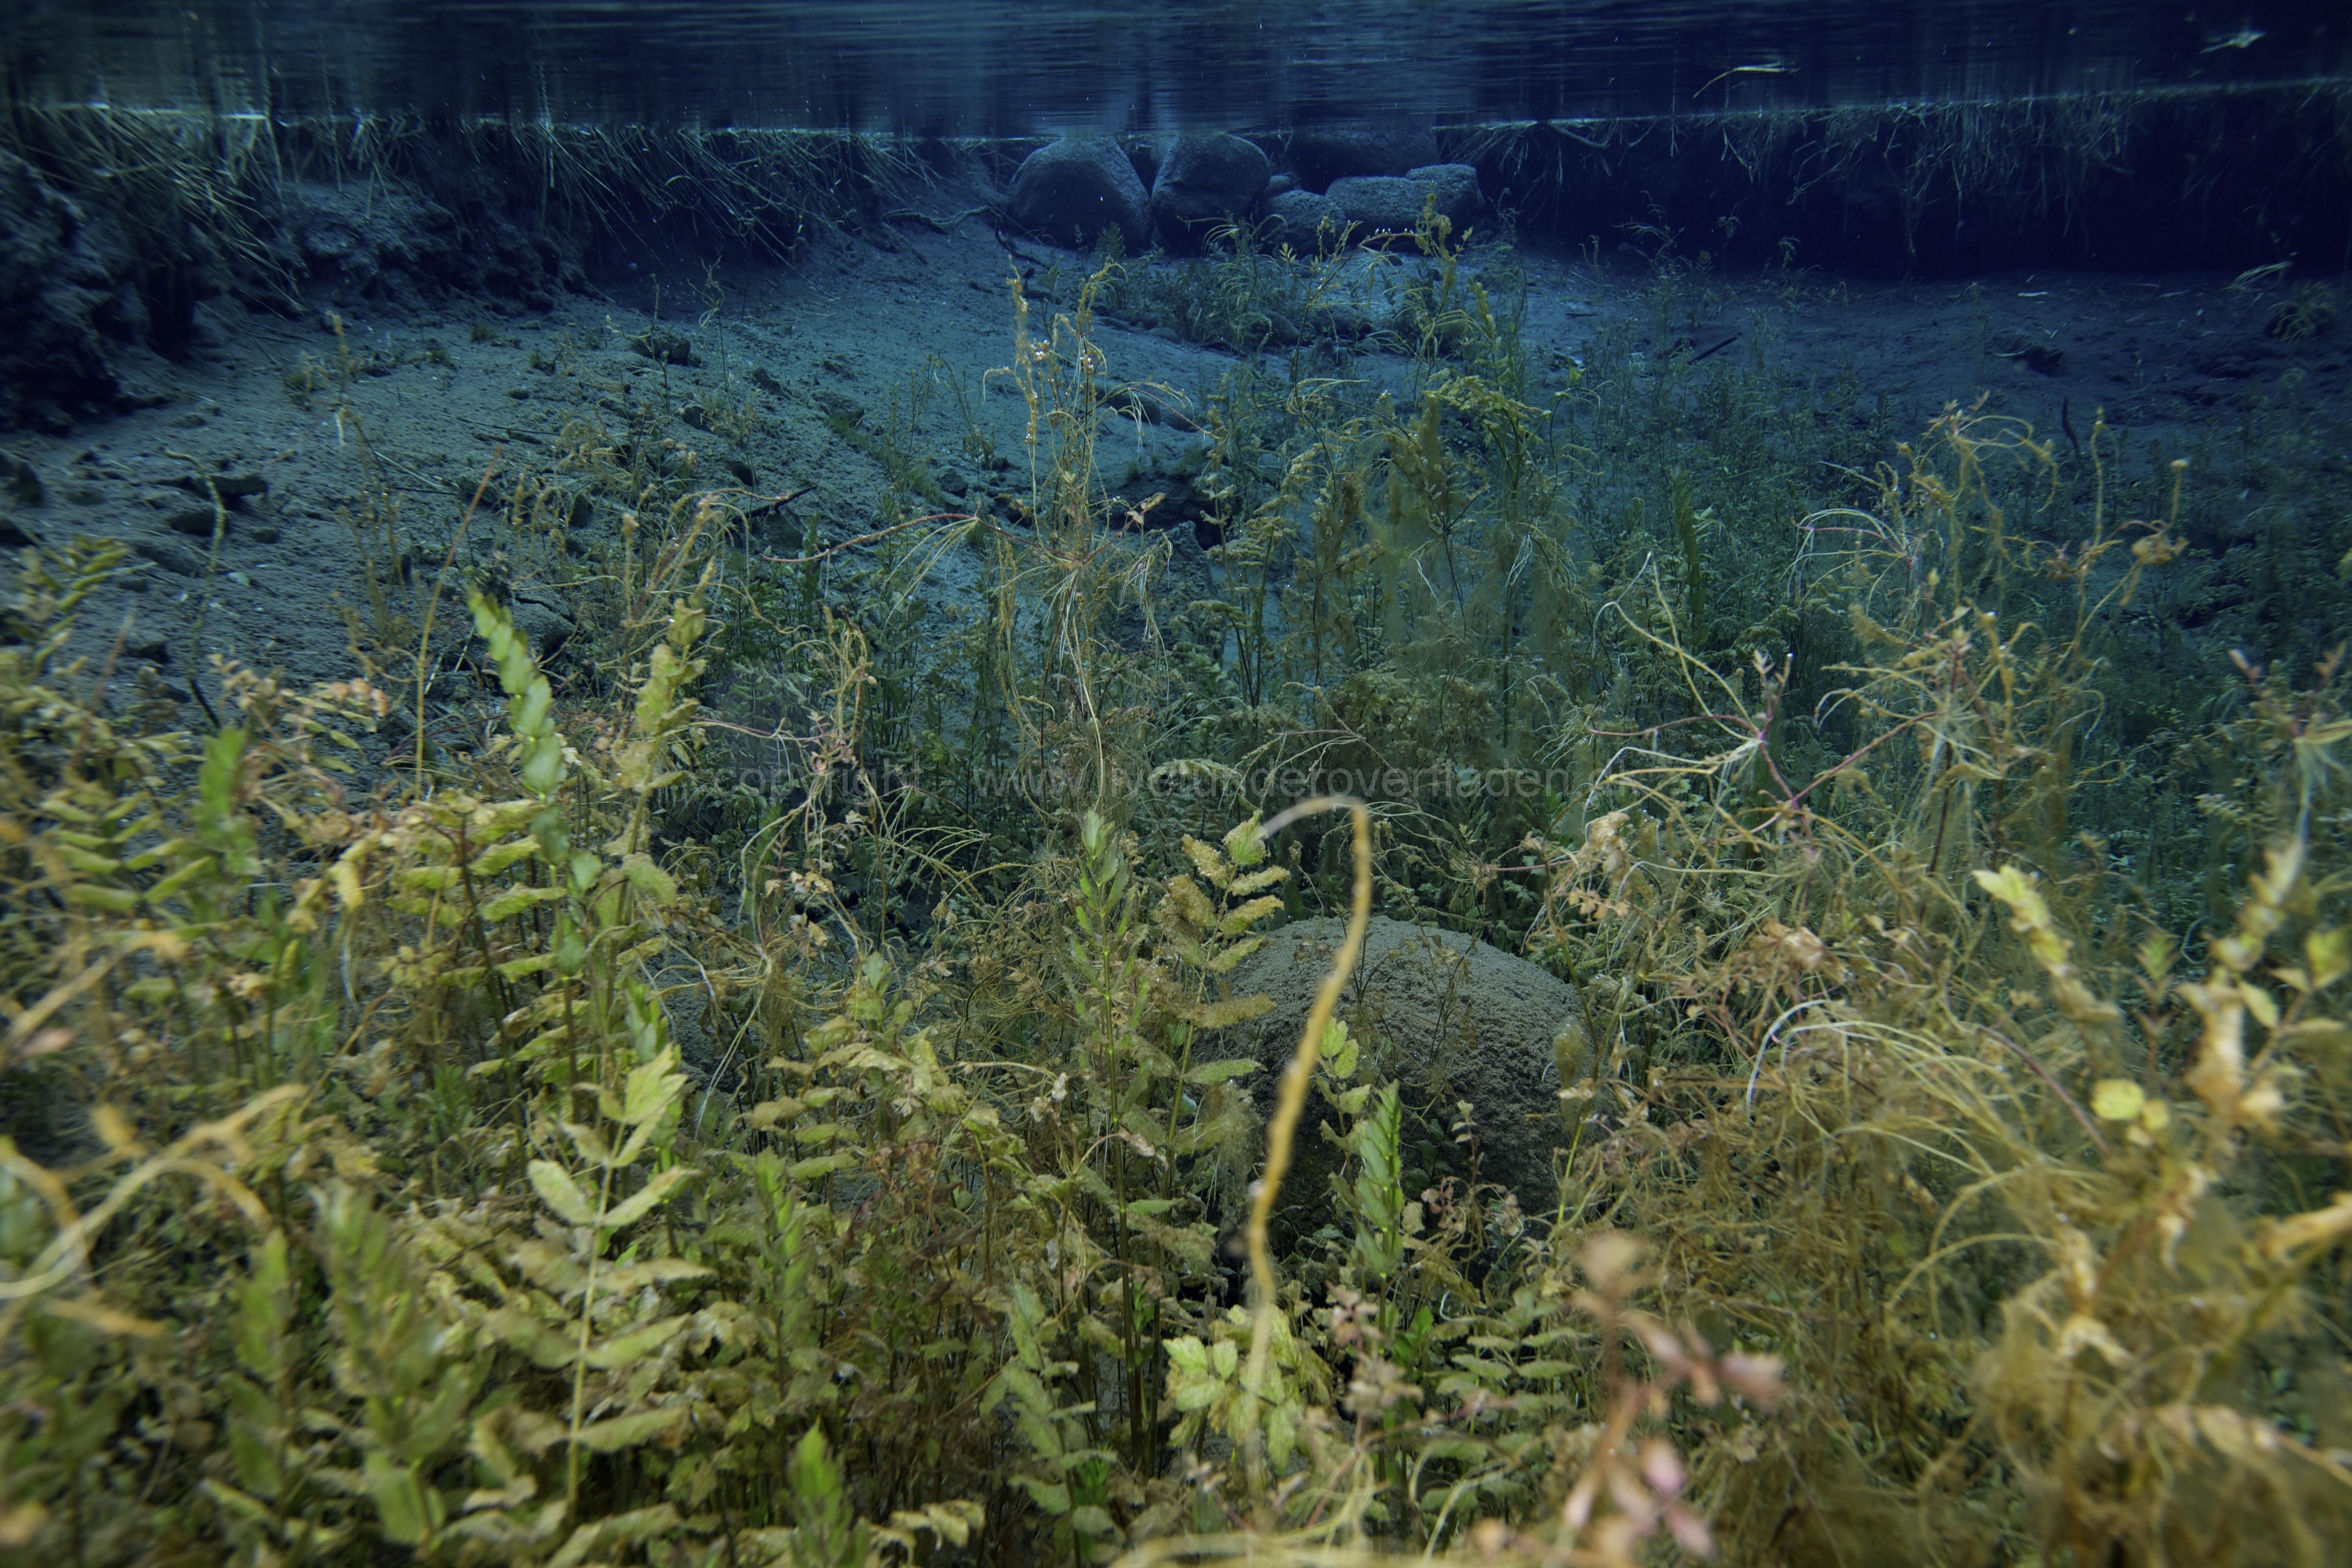 Freshwater habitat_Martin_Kielland 50